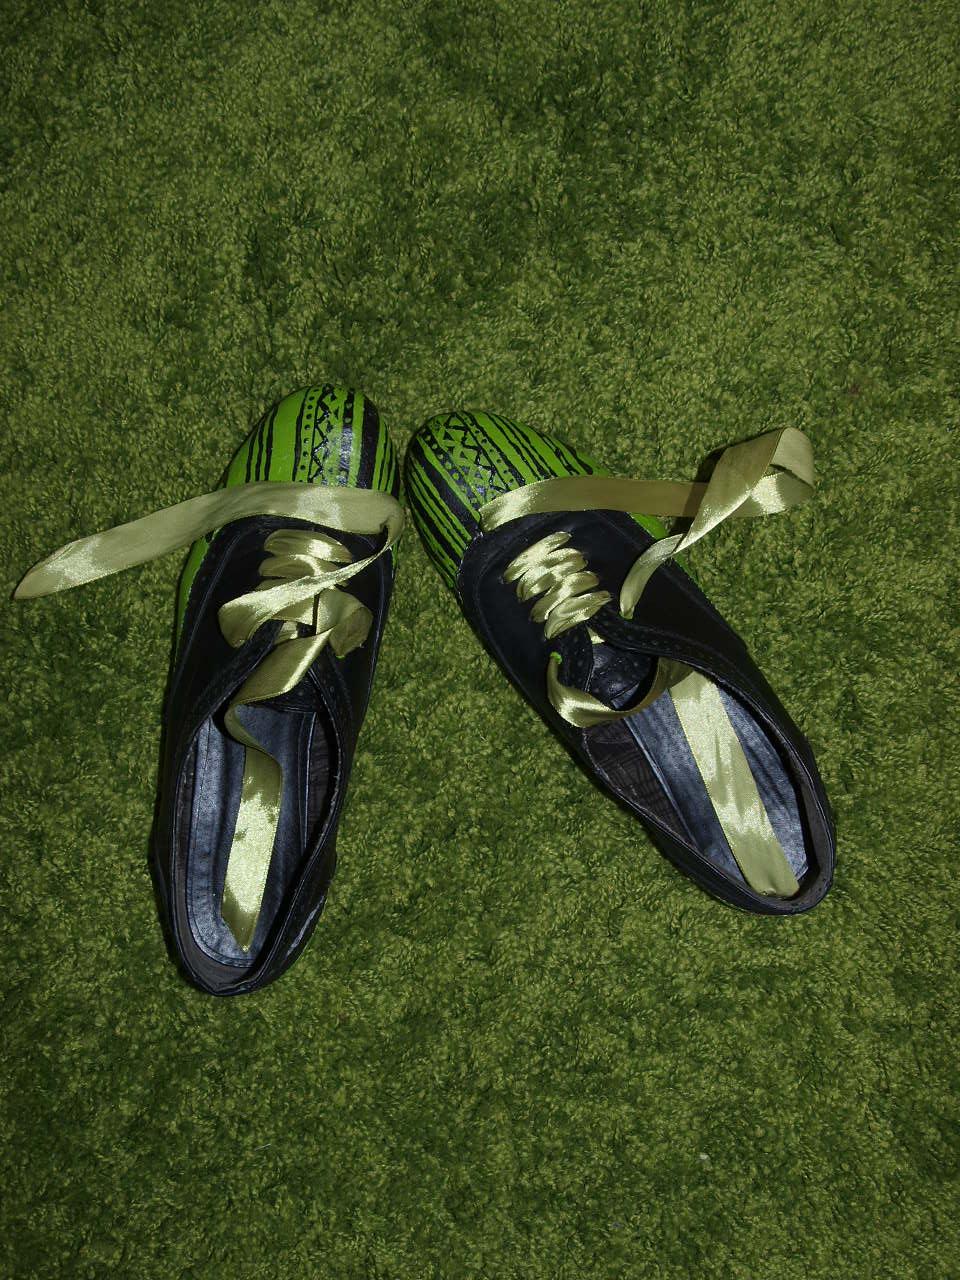 2013-ban már zöld lett a cipőm